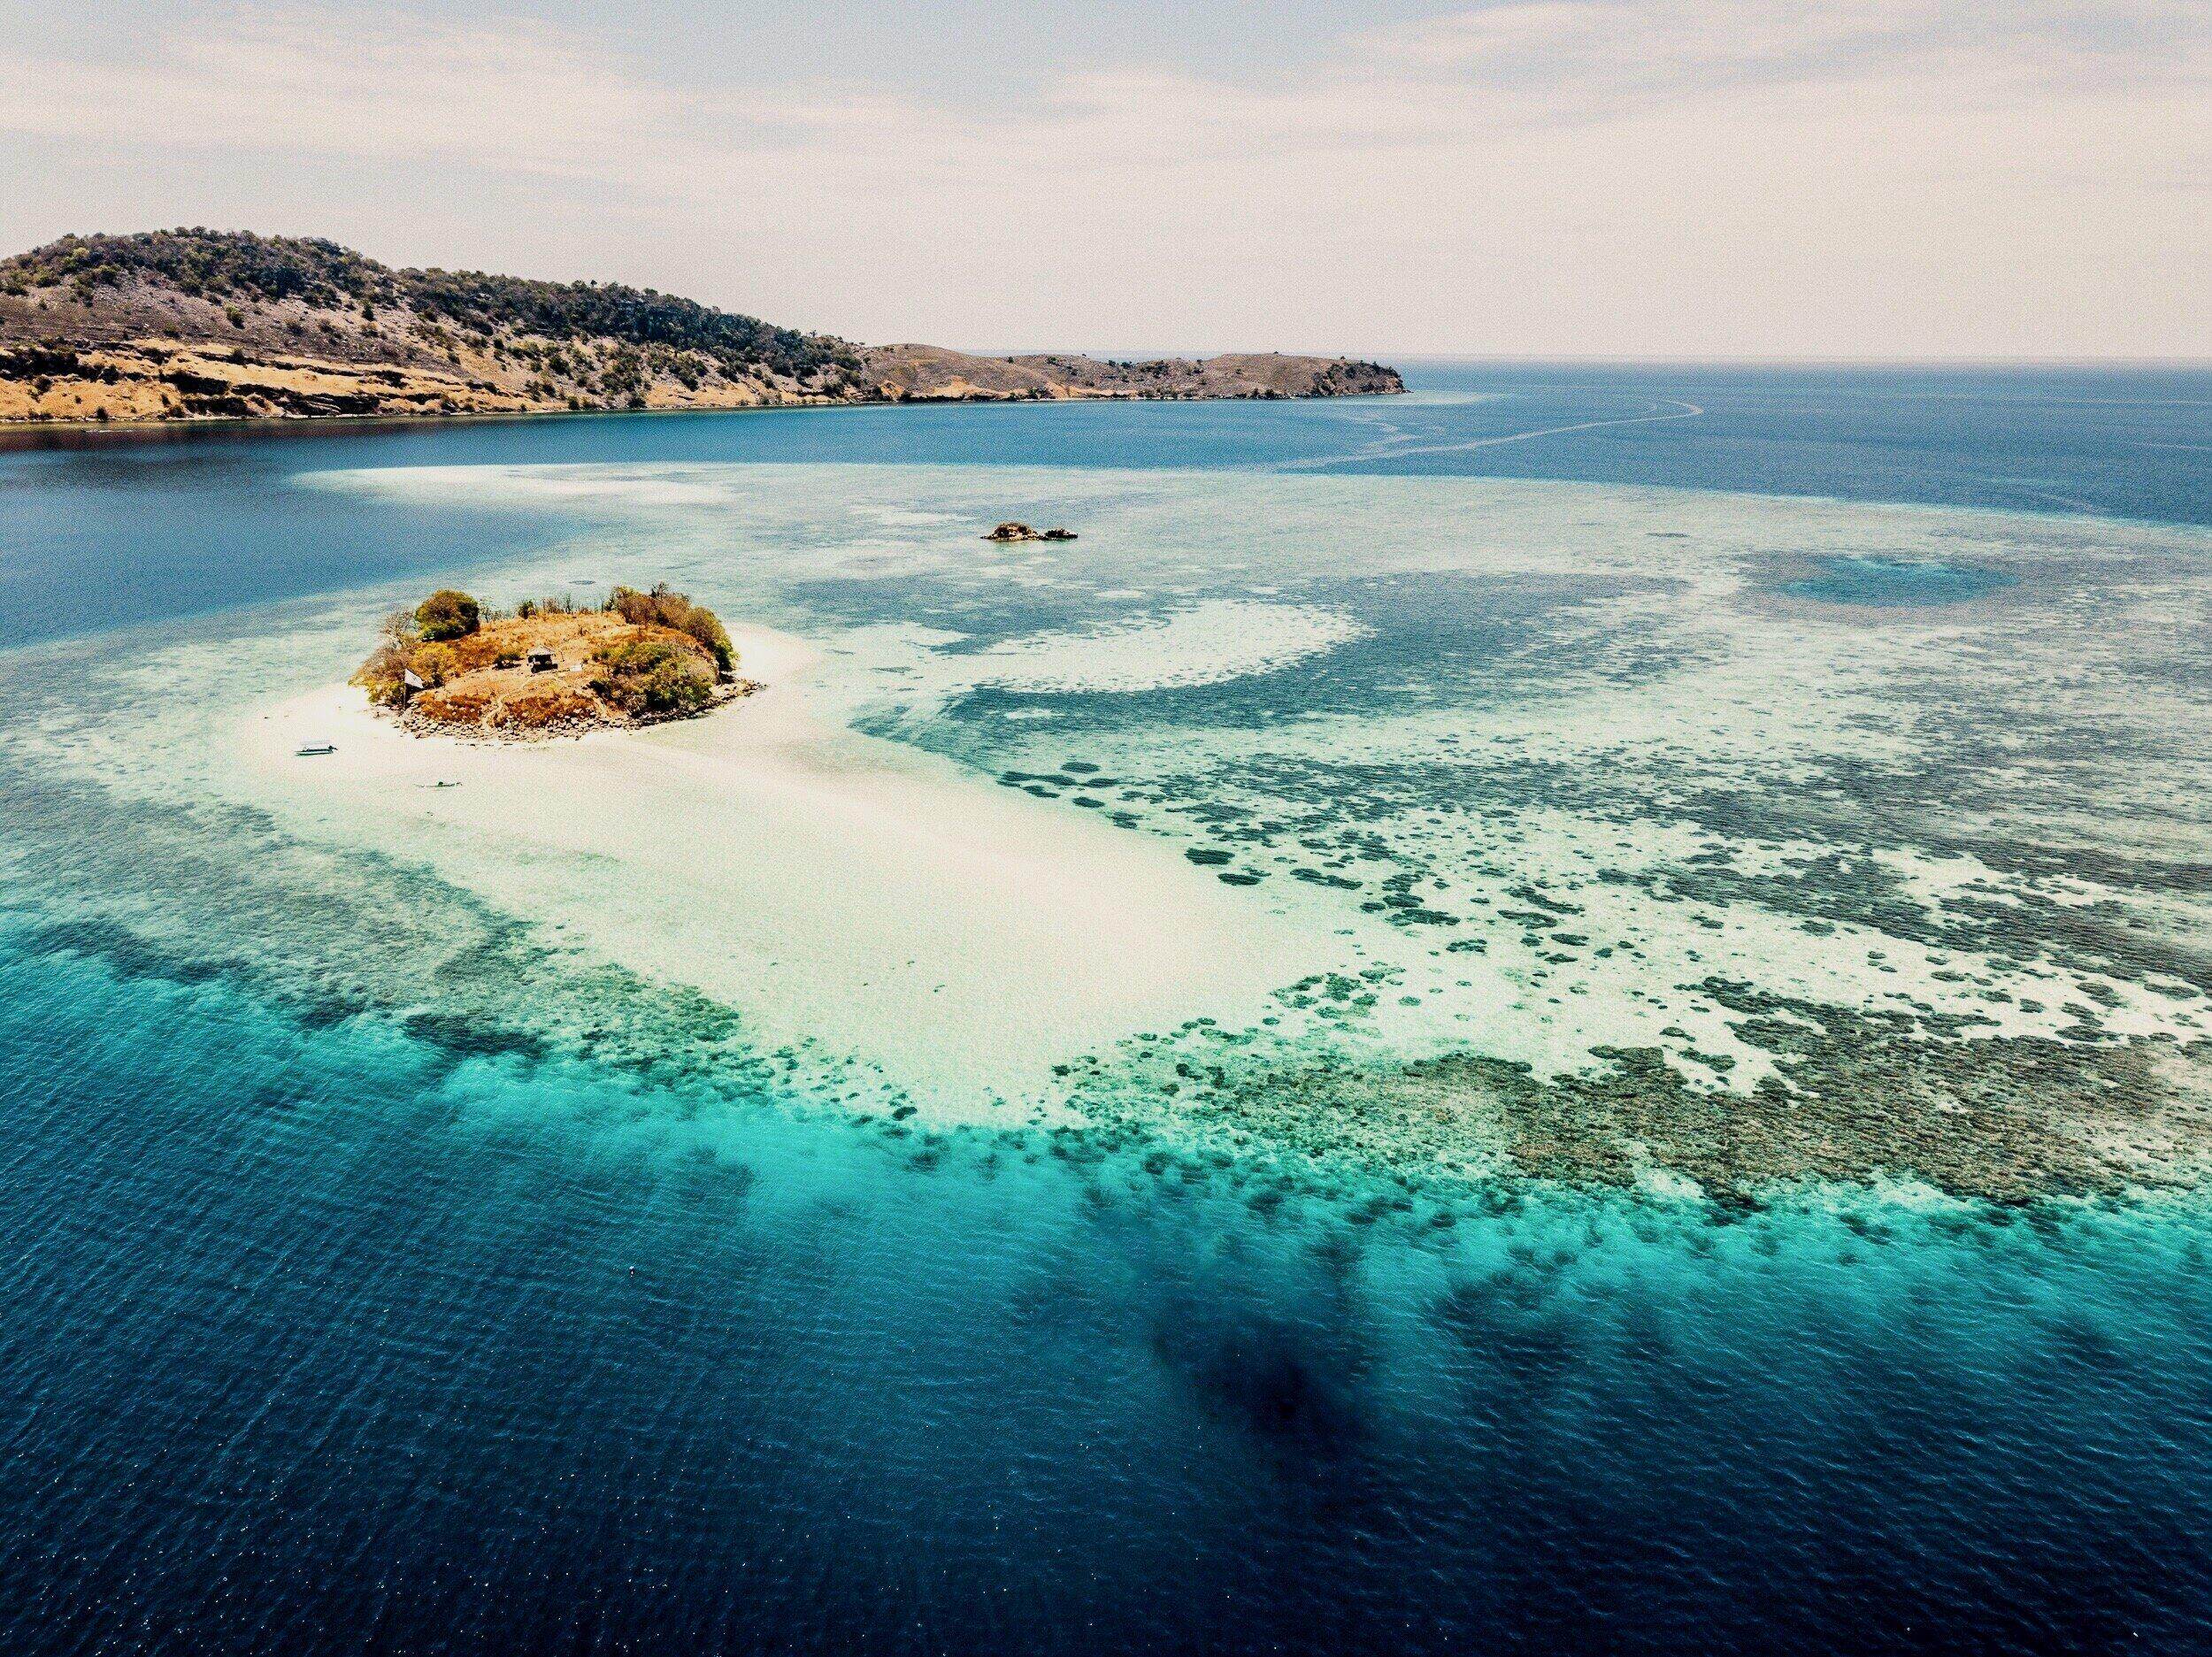 Coral+Reef+-+saam+.jpg